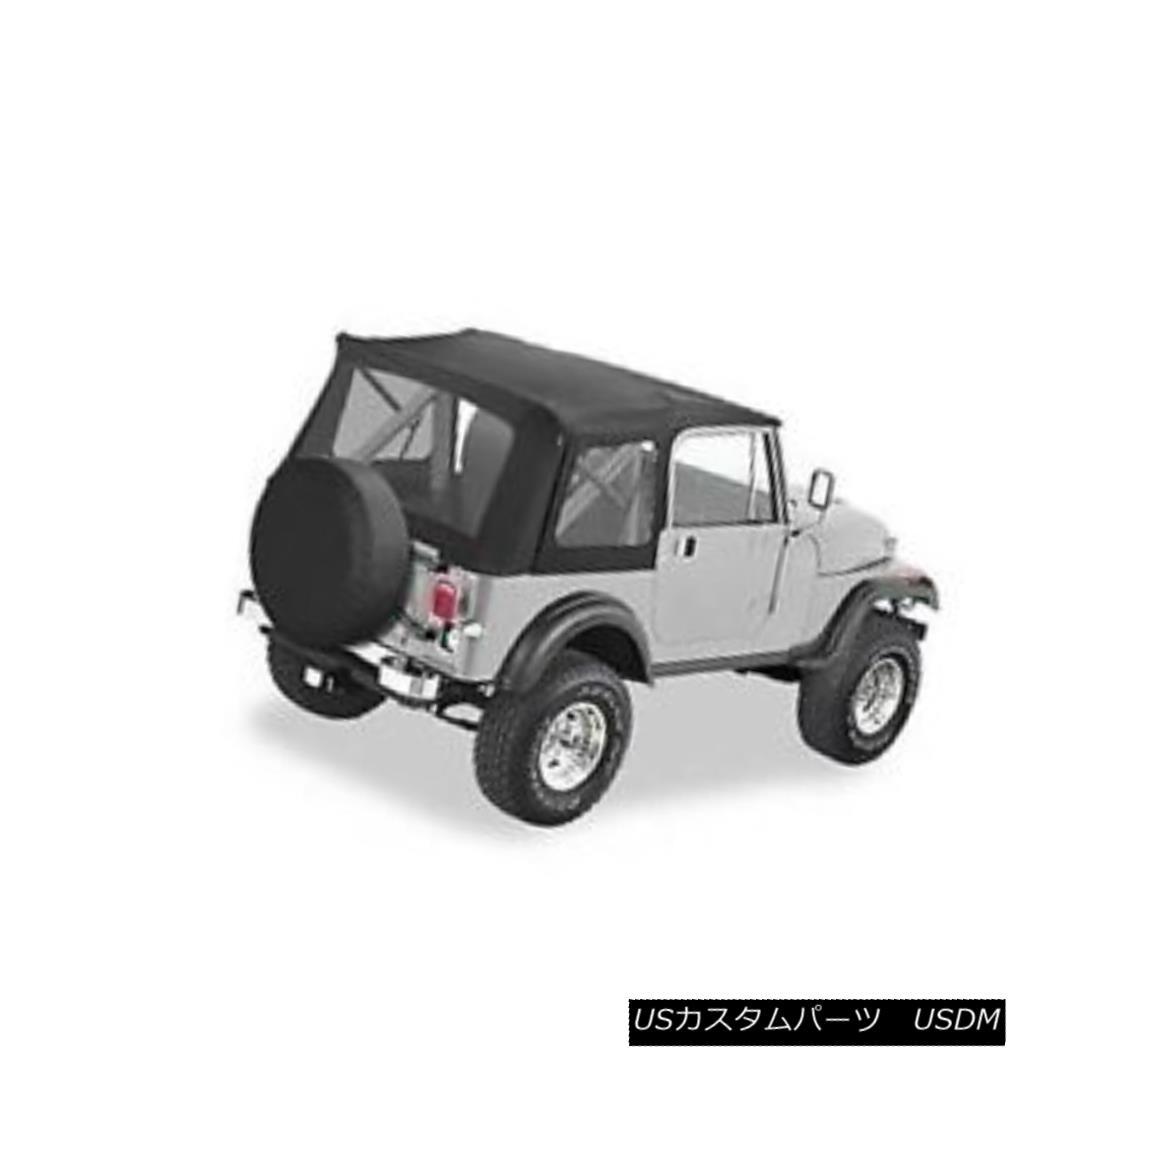 幌・ソフトトップ Bestop 51599-15 Soft Top Supertop Polymer Cloth Black Denim Jeep ベストトップ51599-15ソフトトップスパートップポリマークロスブラックデニムジープ